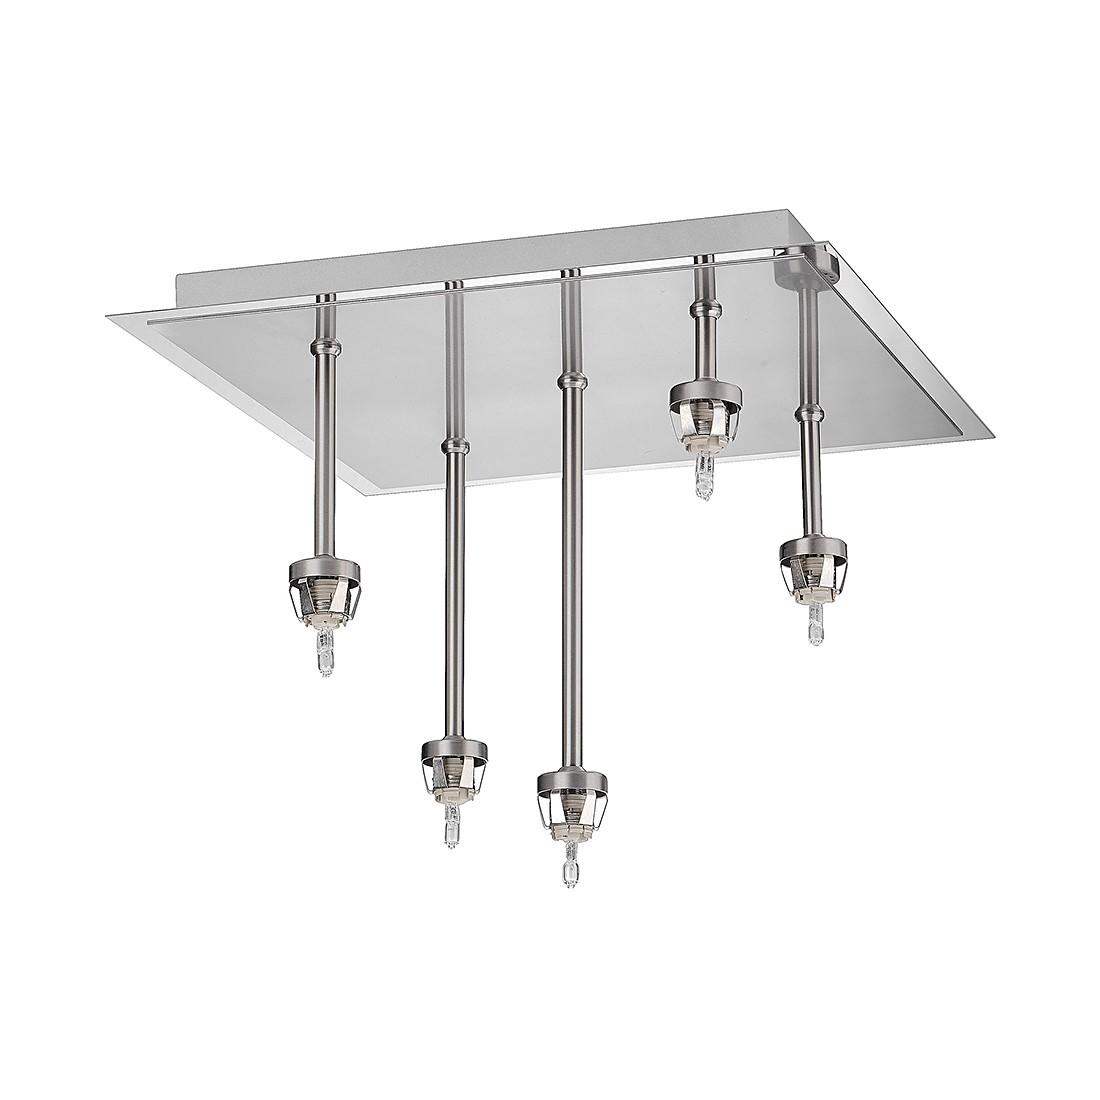 EEK C, Deckenleuchte M6 Licht / Micro 3 (ohne Glas) – Nickel/Metall – 5-flammig, Fischer Leuchten bestellen